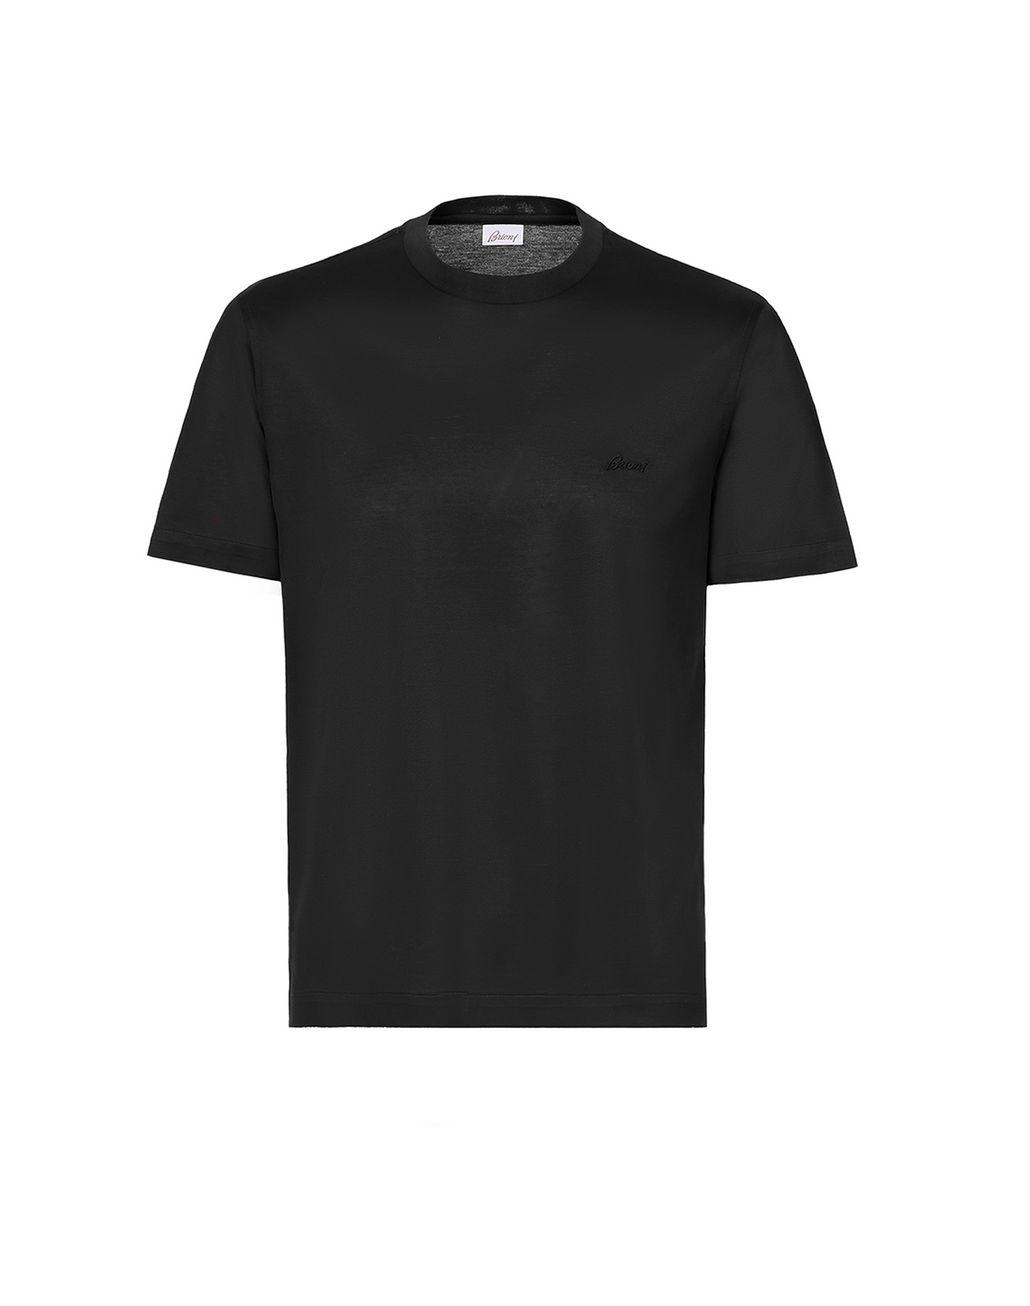 BRIONI Чёрная футболка с логотипом Футболки и поло Для Мужчин f